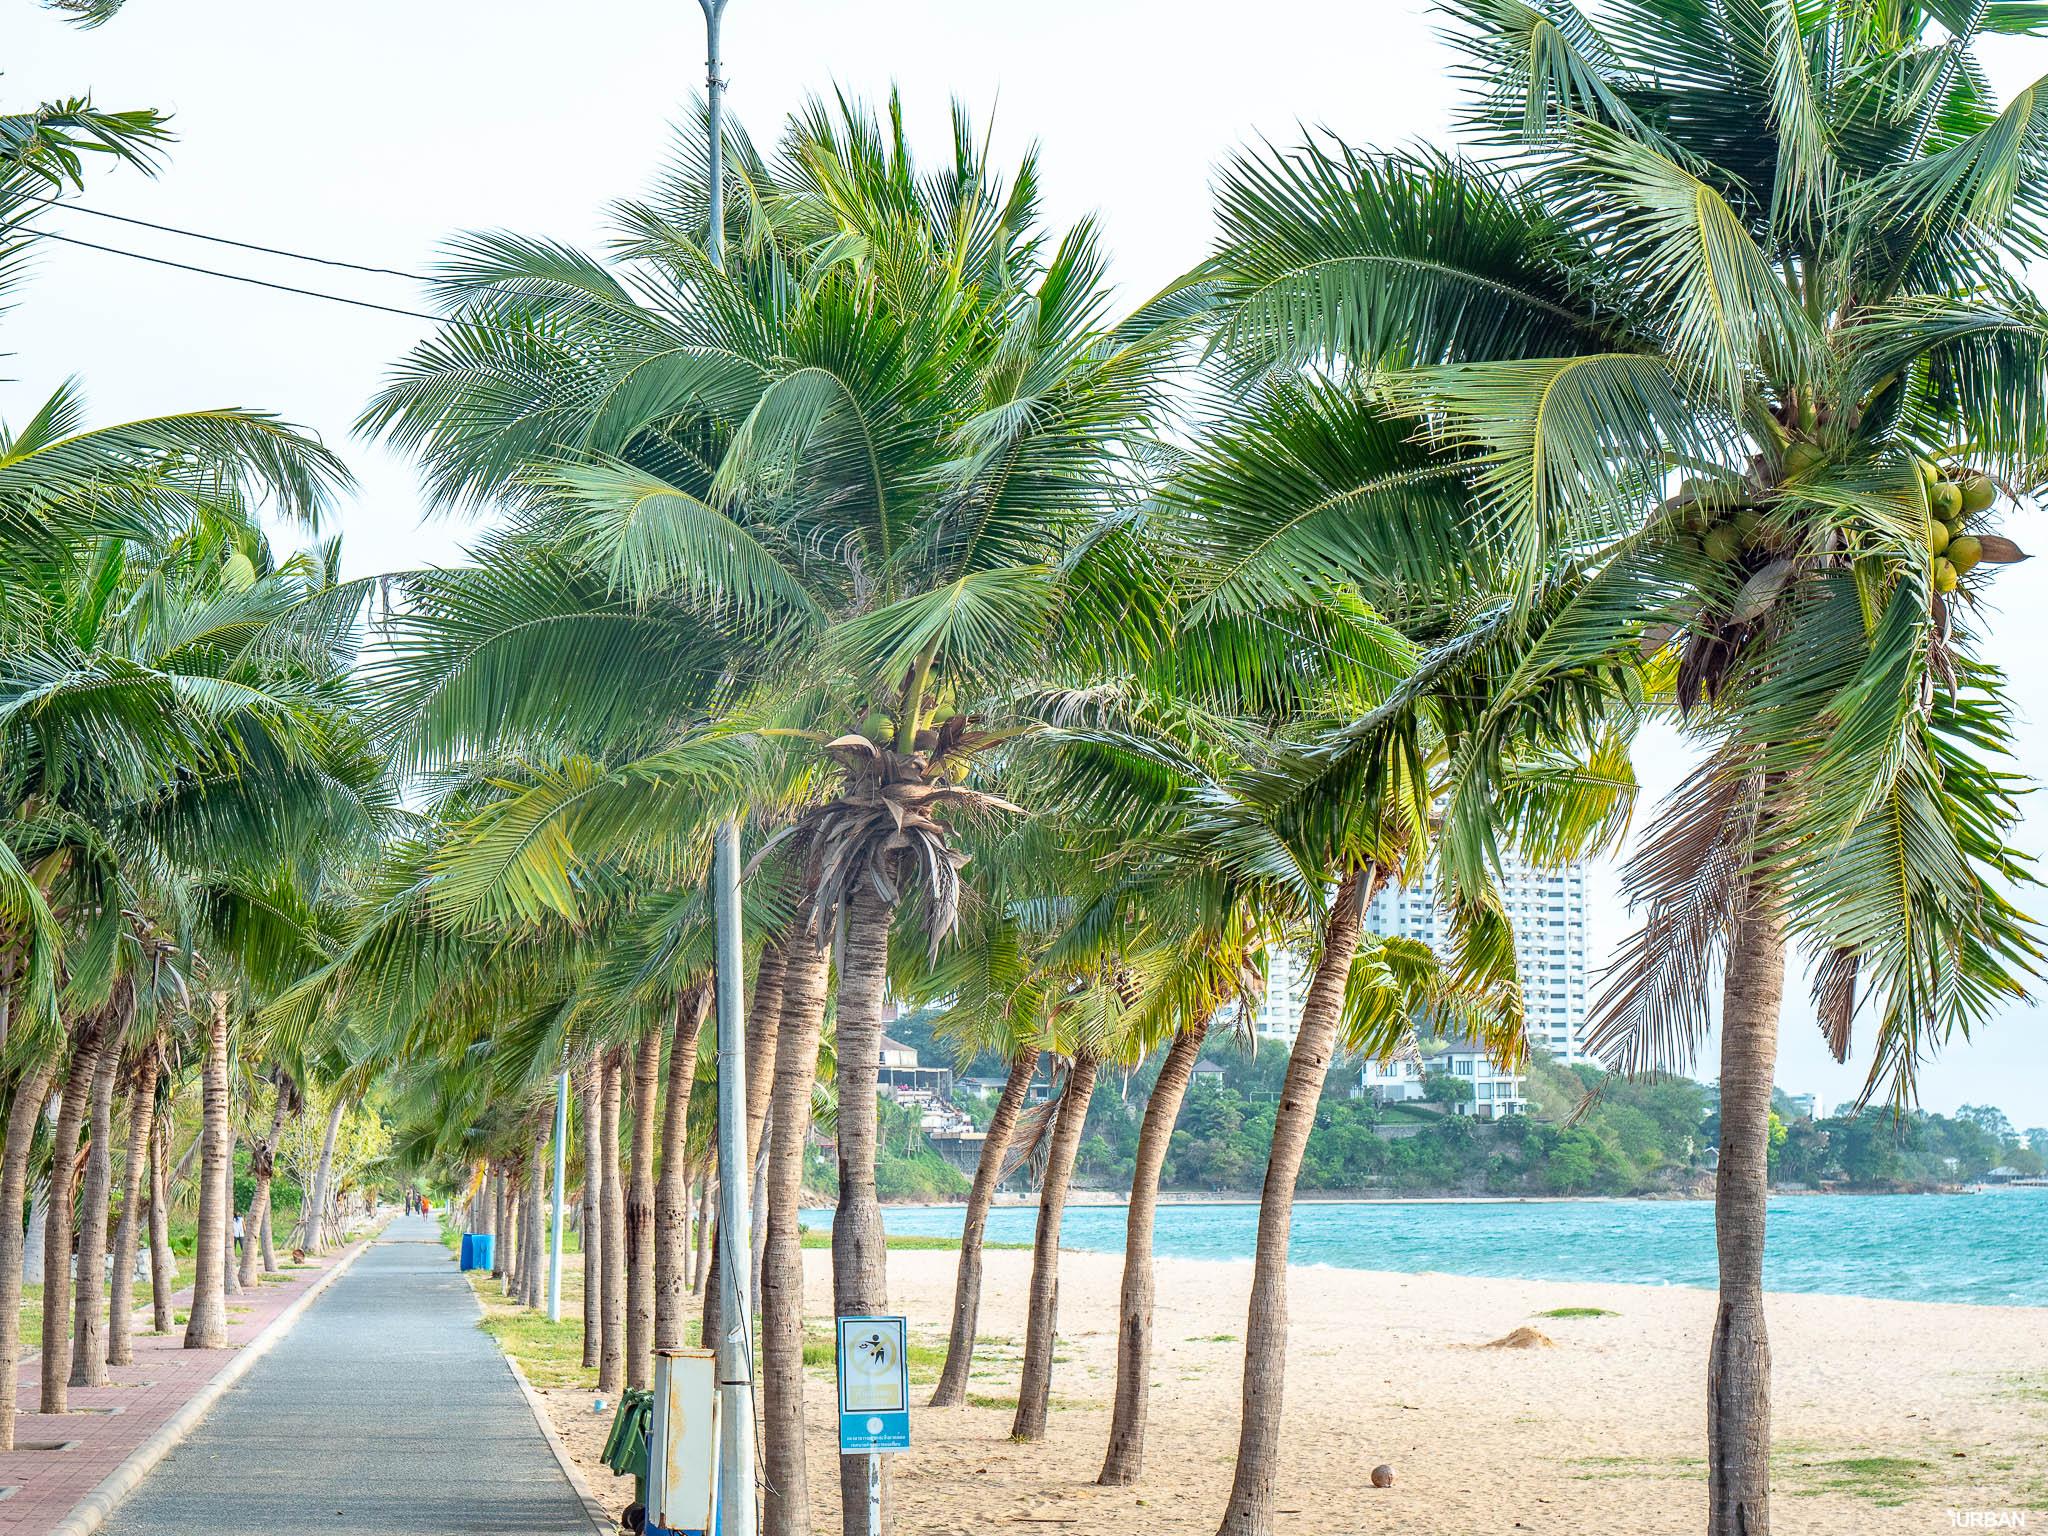 7 ชายหาดทะเลพัทยา ที่ยังสวยสะอาดน่าเที่ยวใกล้กรุงเทพ ไม่ต้องหนีร้อนไปไกล ก็พักได้ ชิลๆ 116 - Beach